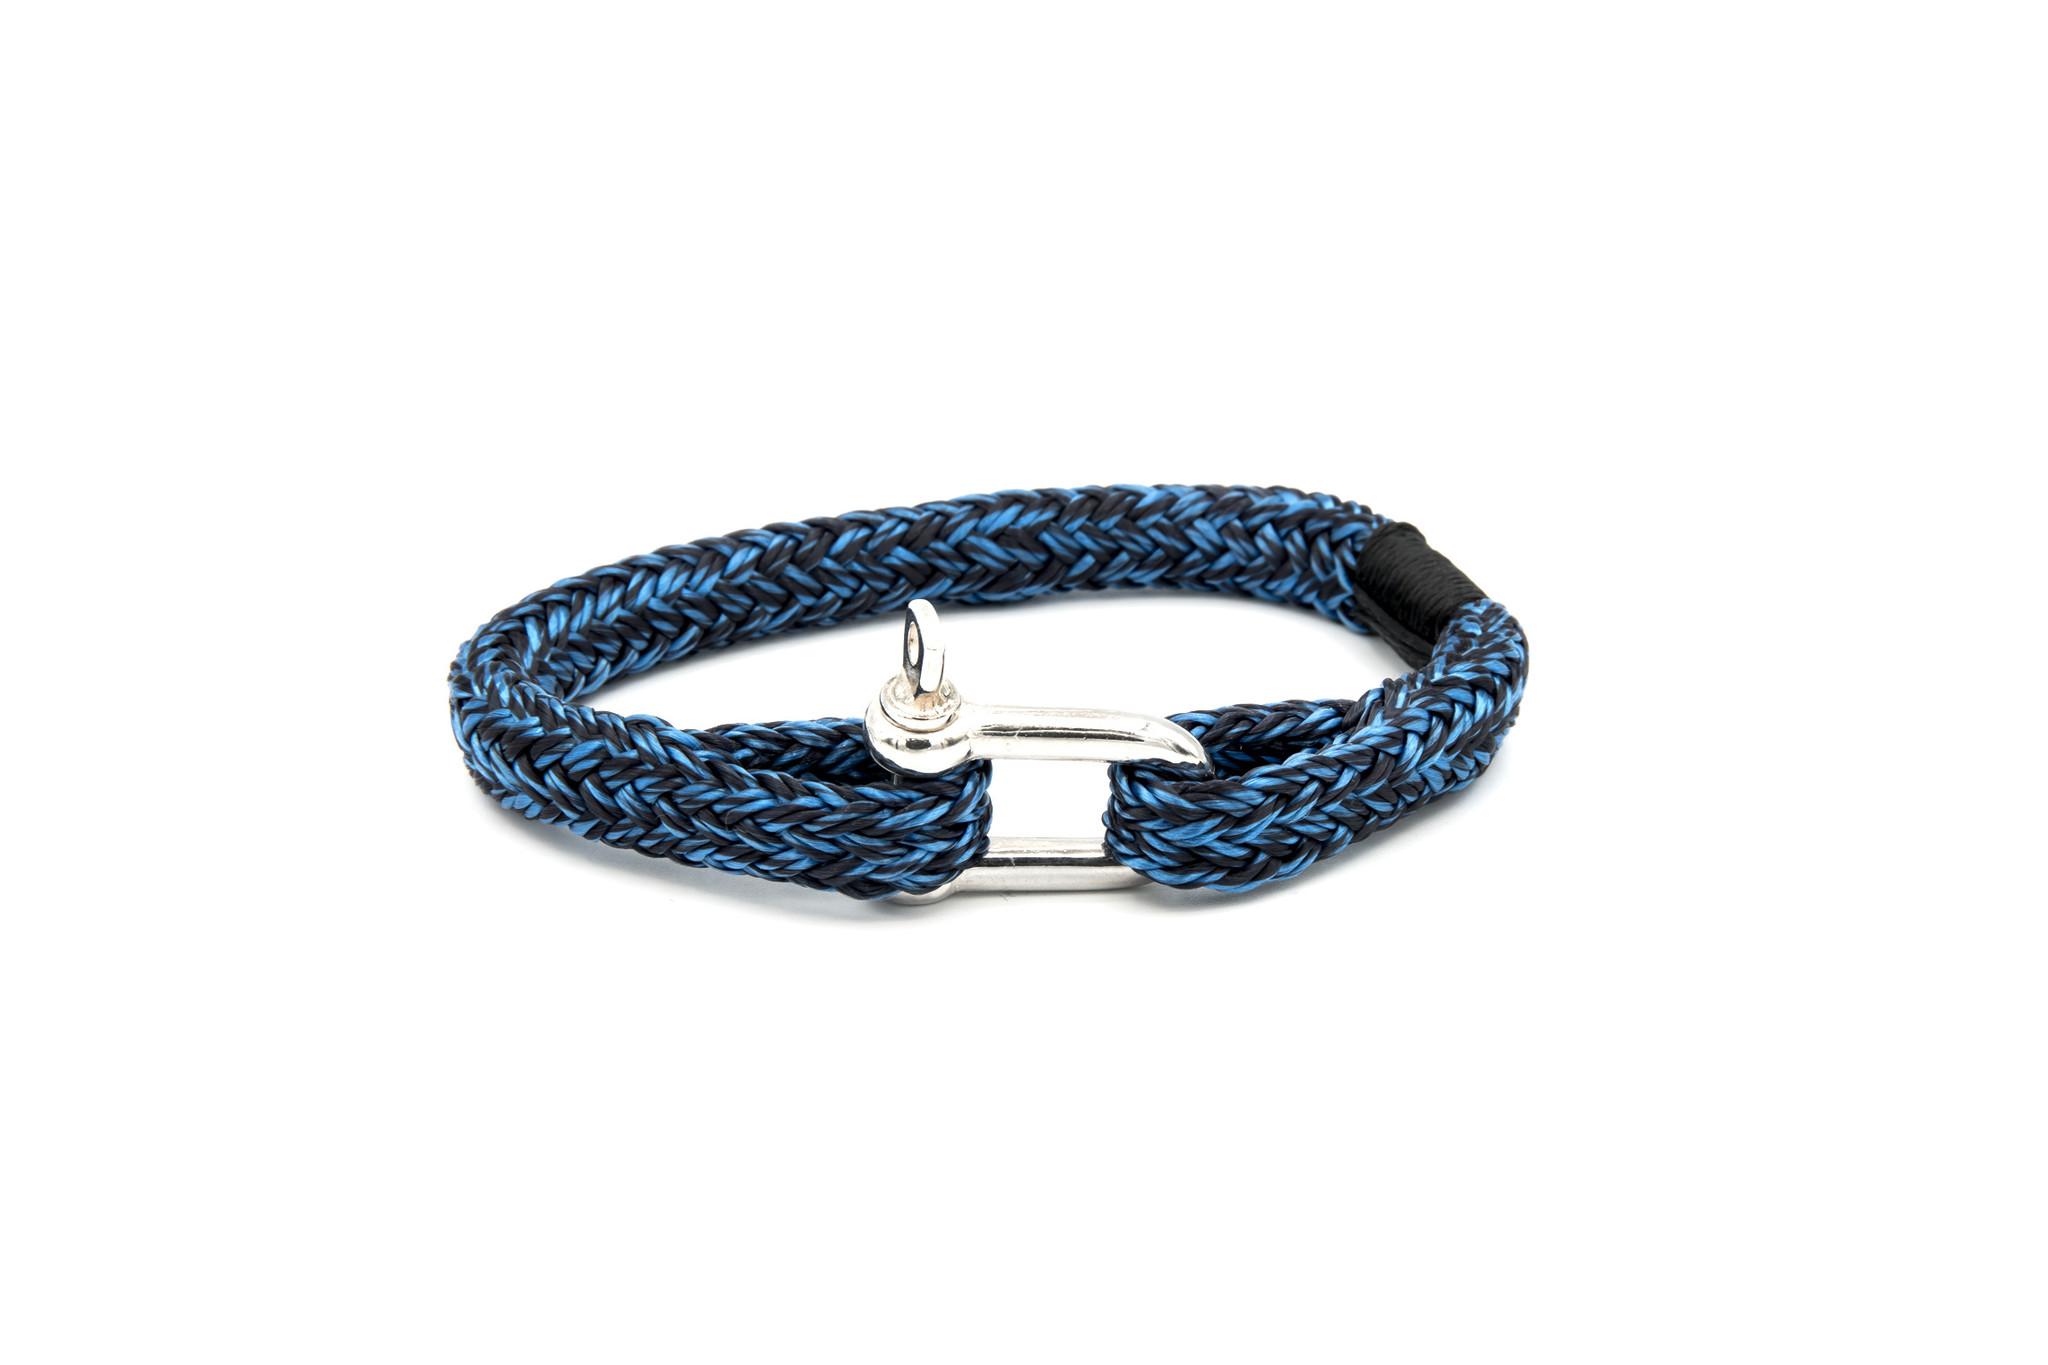 Armband marinekoord met shackle-7